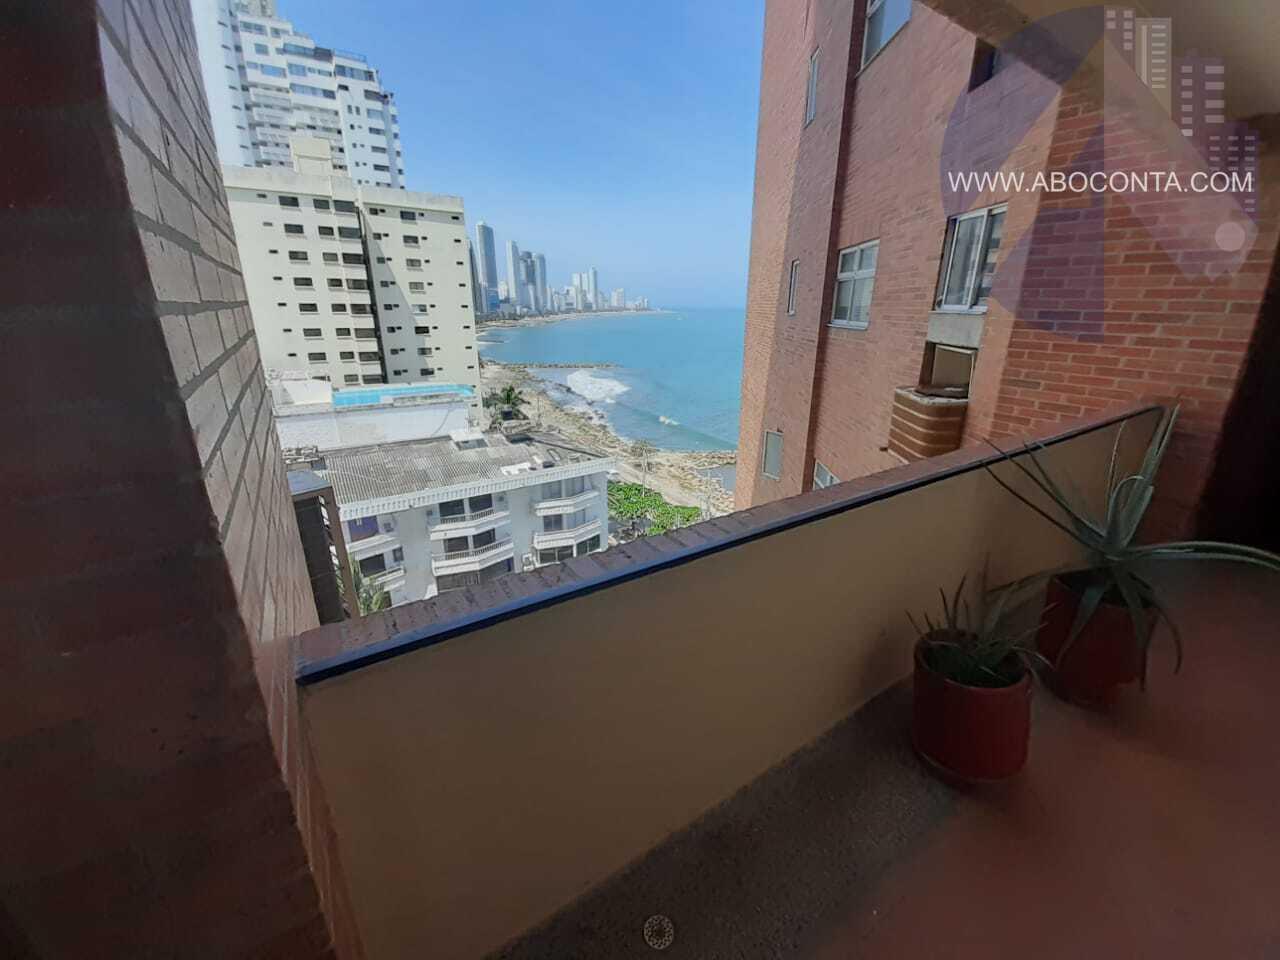 Maravilloso apartamento en Bocagrande